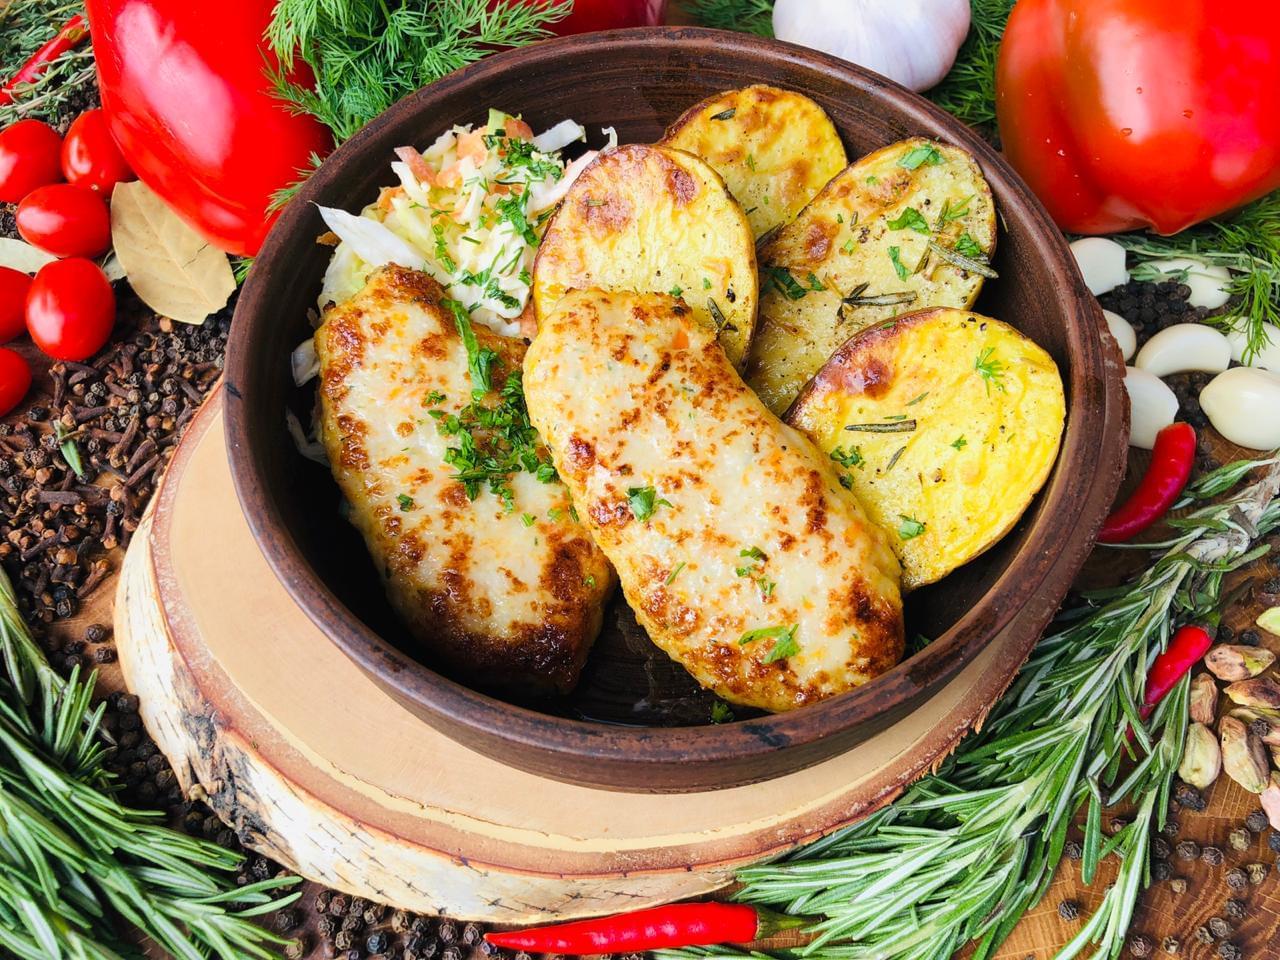 Картошка с котлетами для иностранцев в Трапезной на экскурсии от Экскурсионного бюро Captour